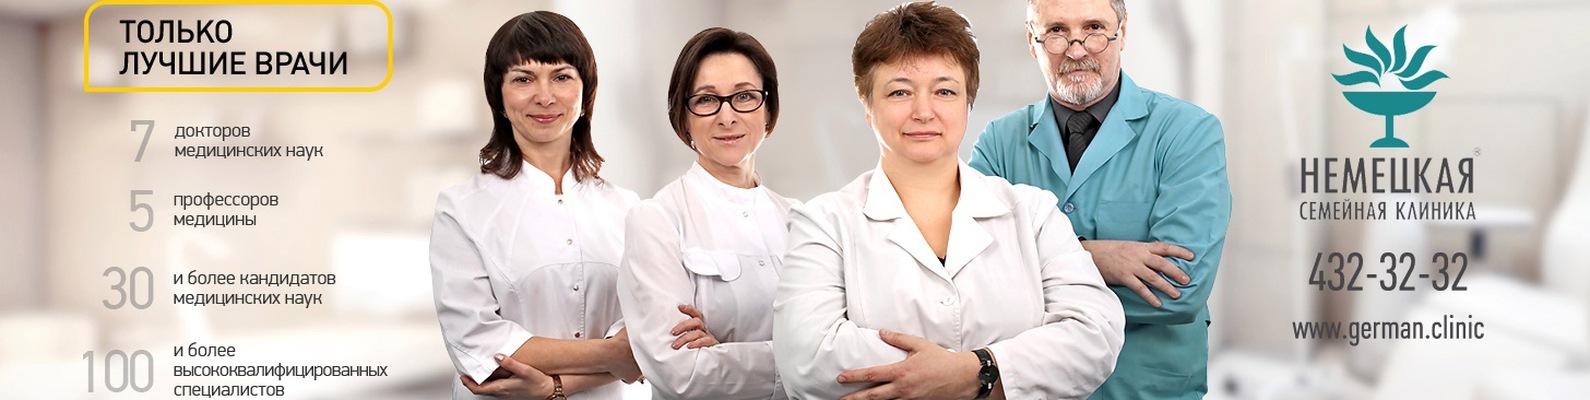 Немецкая семейная клиника санкт петербург